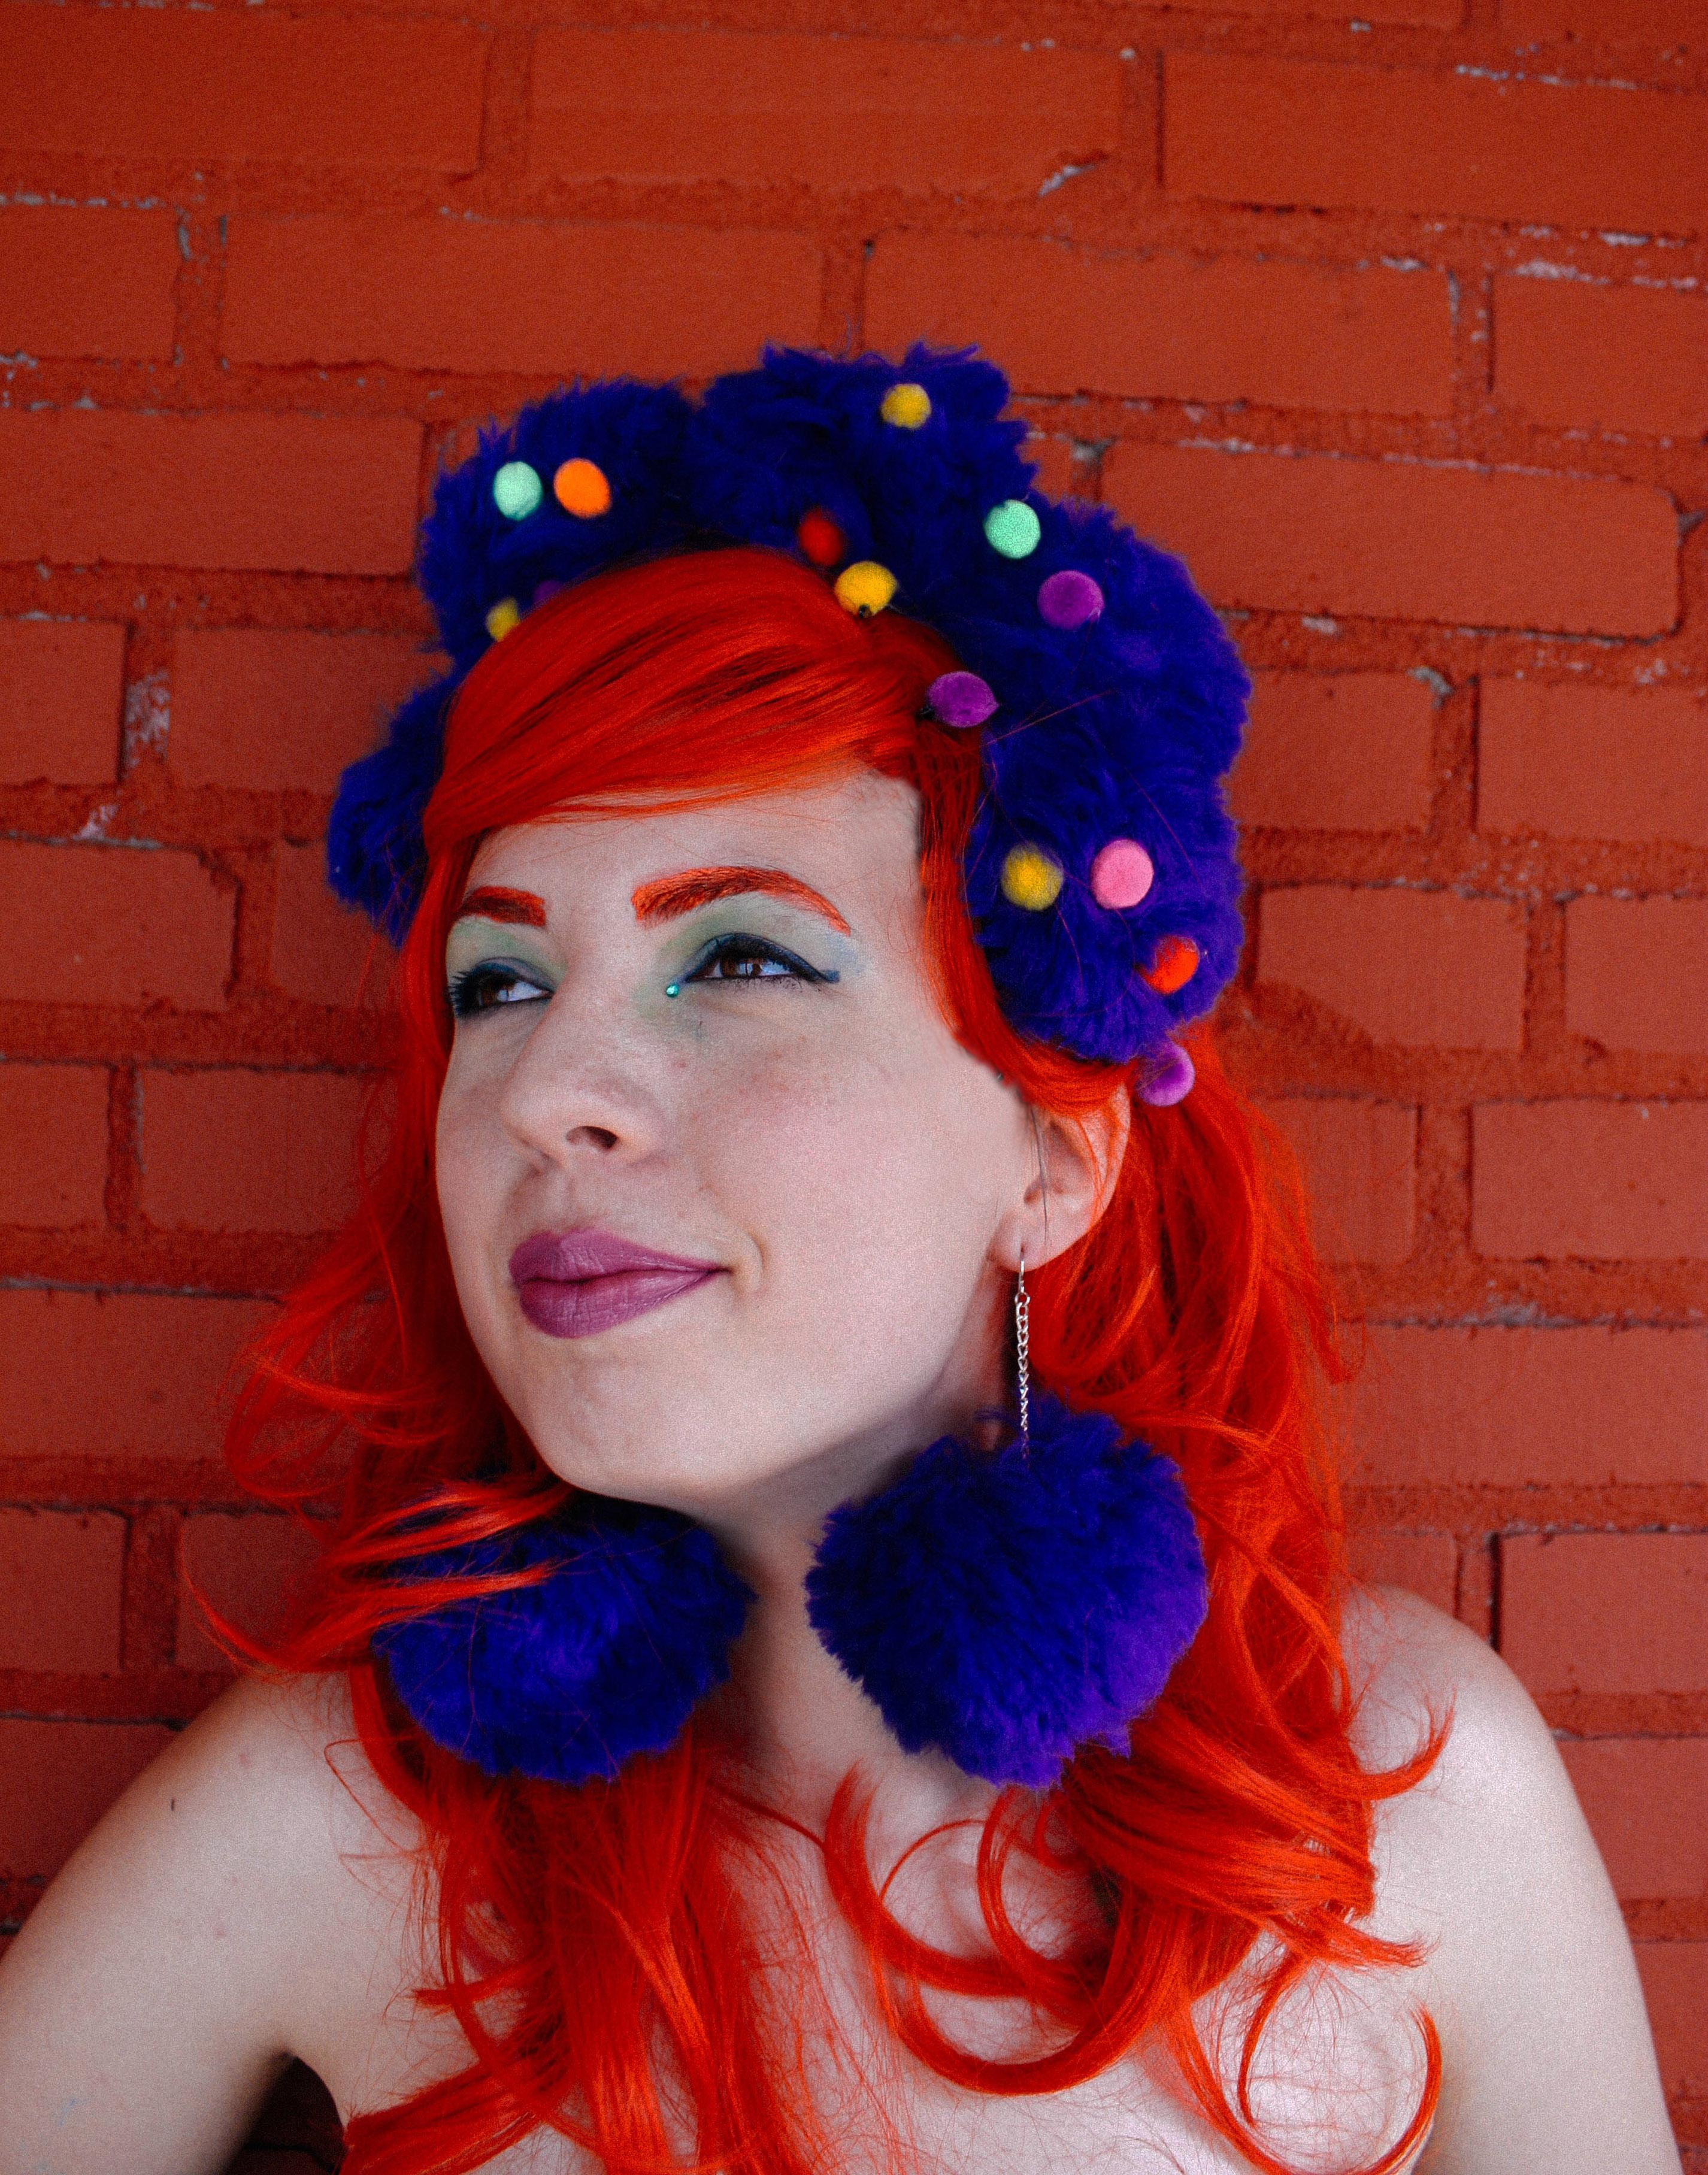 blue pom pom headpiece